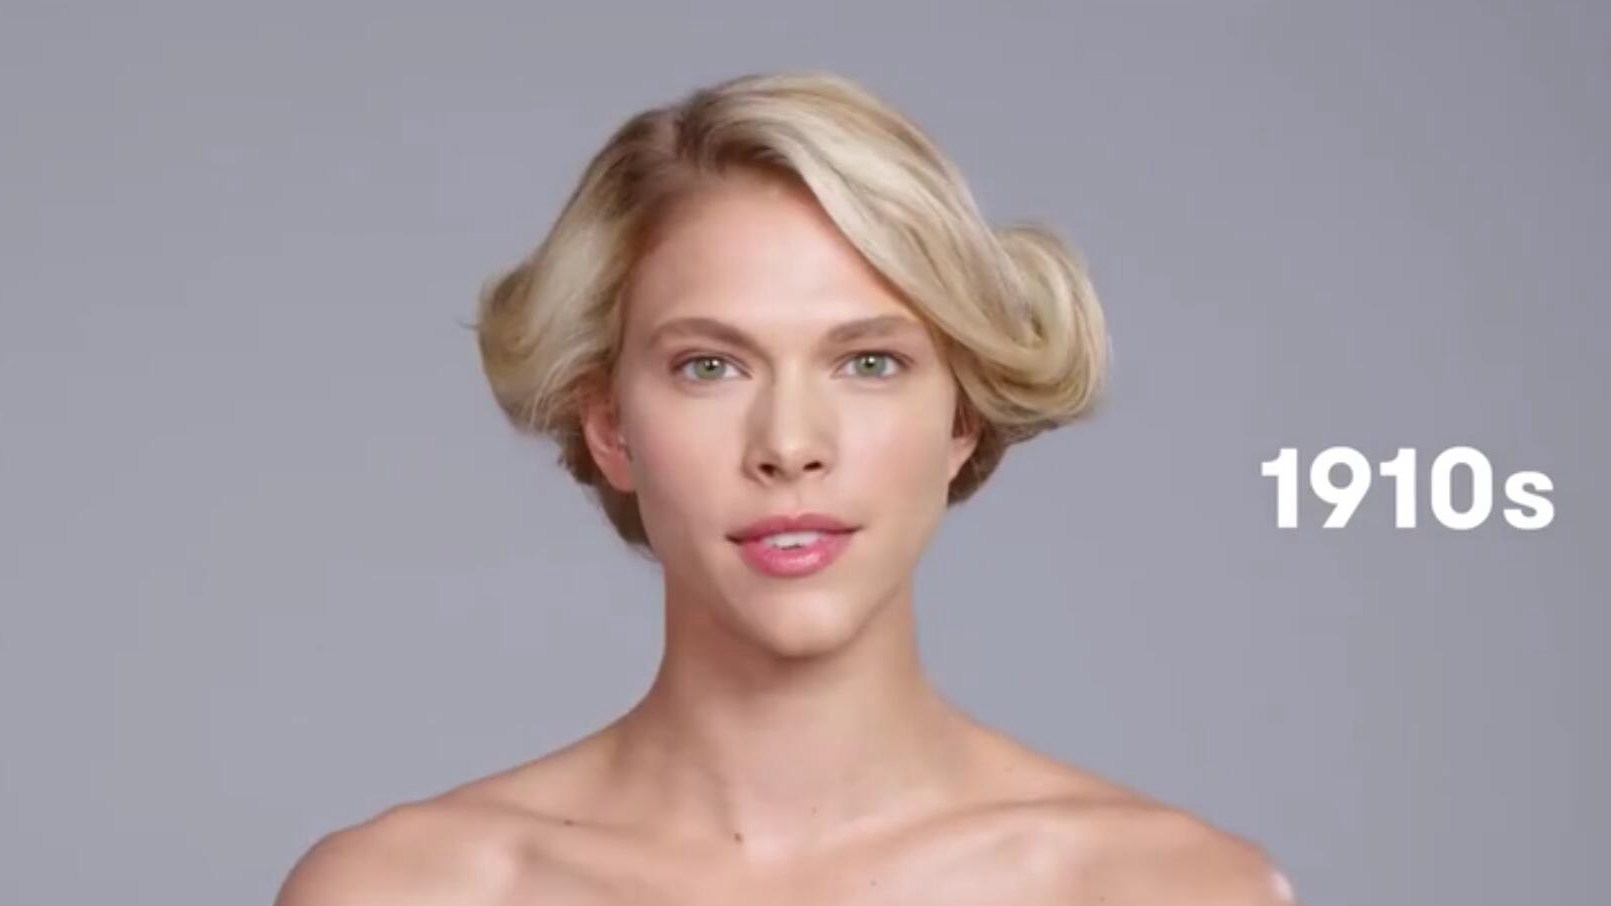 百年之美:瑞典女性百年的妆容演变史